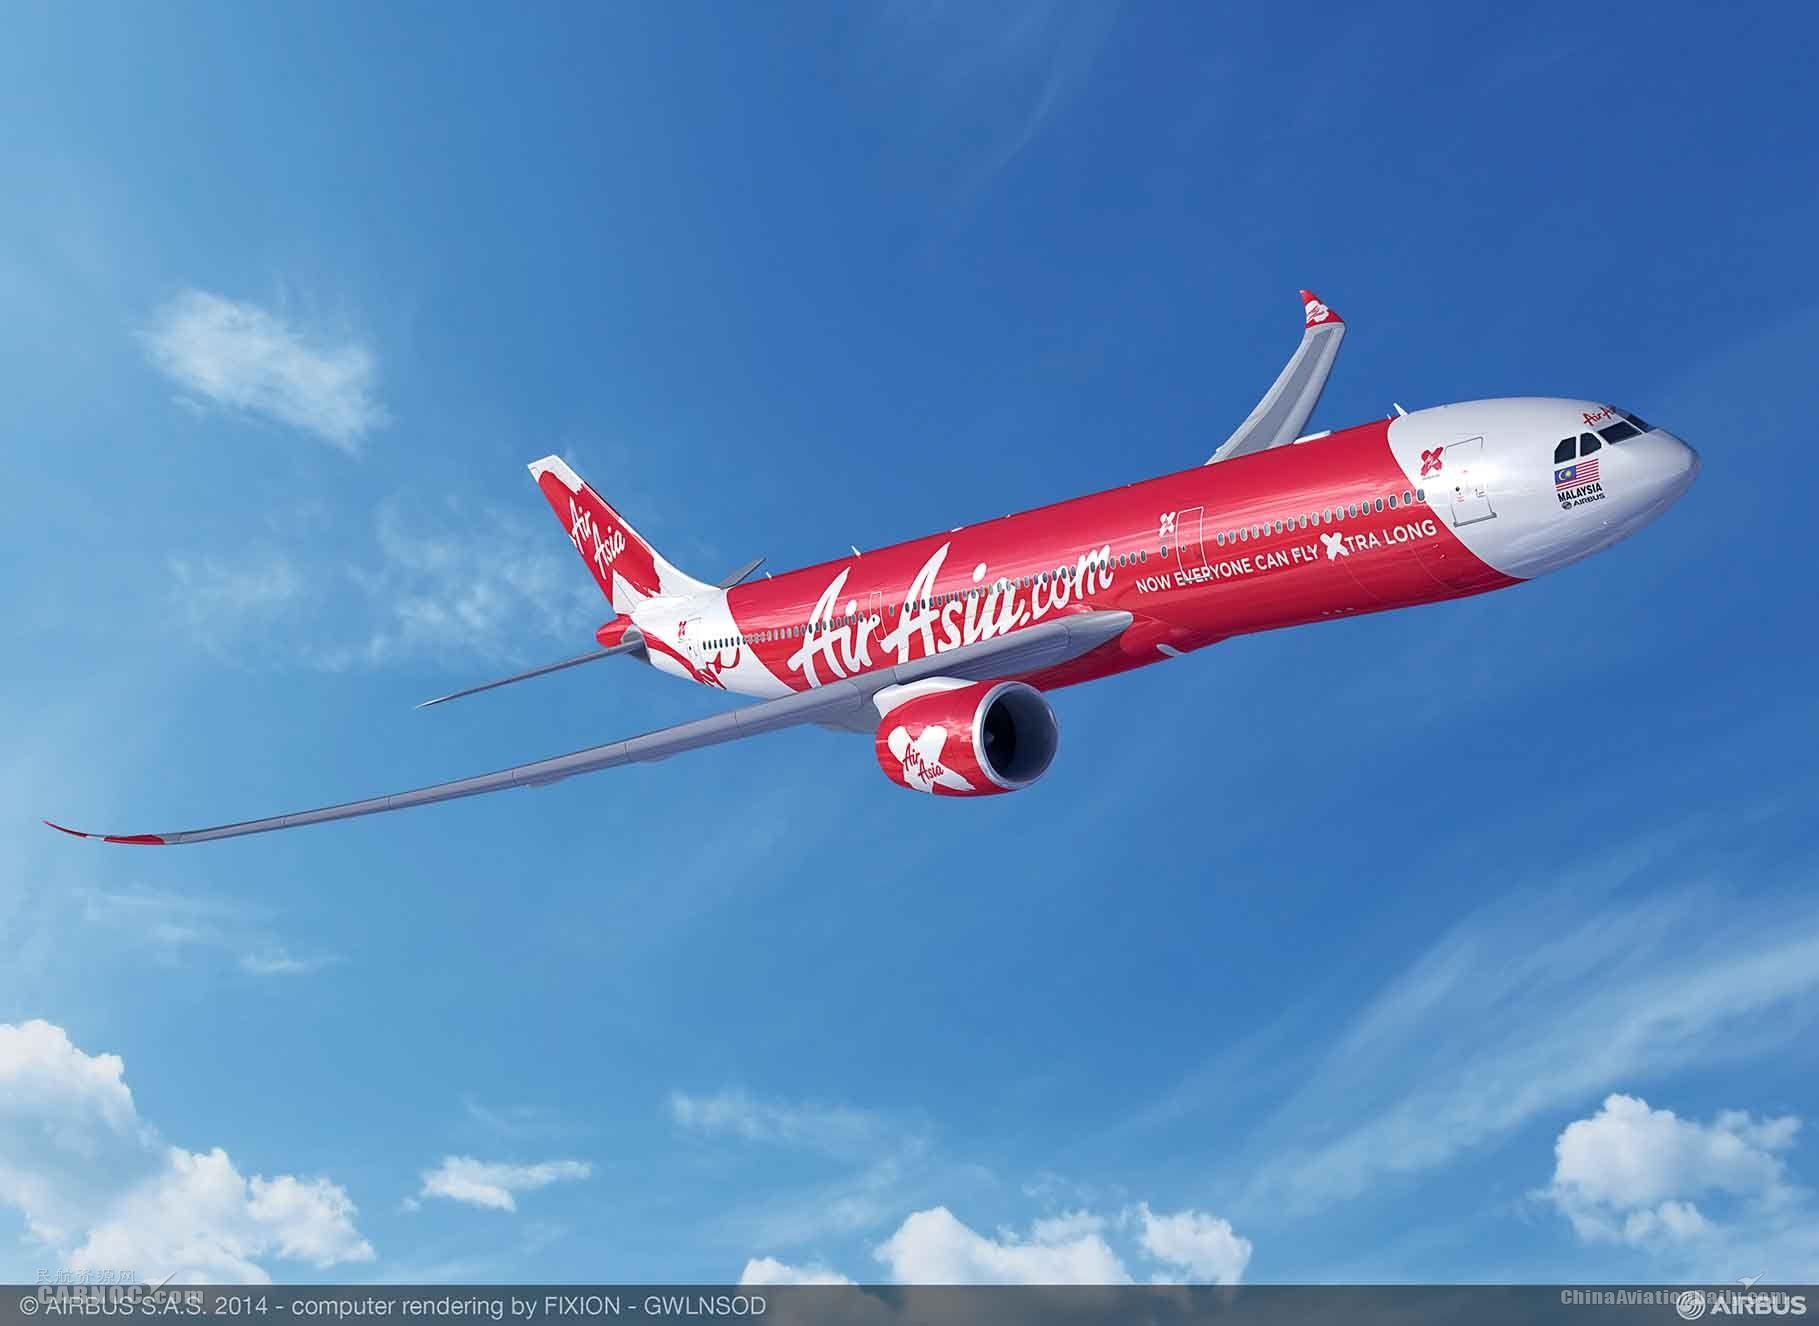 亚洲航空_亚洲航空x增购34架空客a330neo飞机